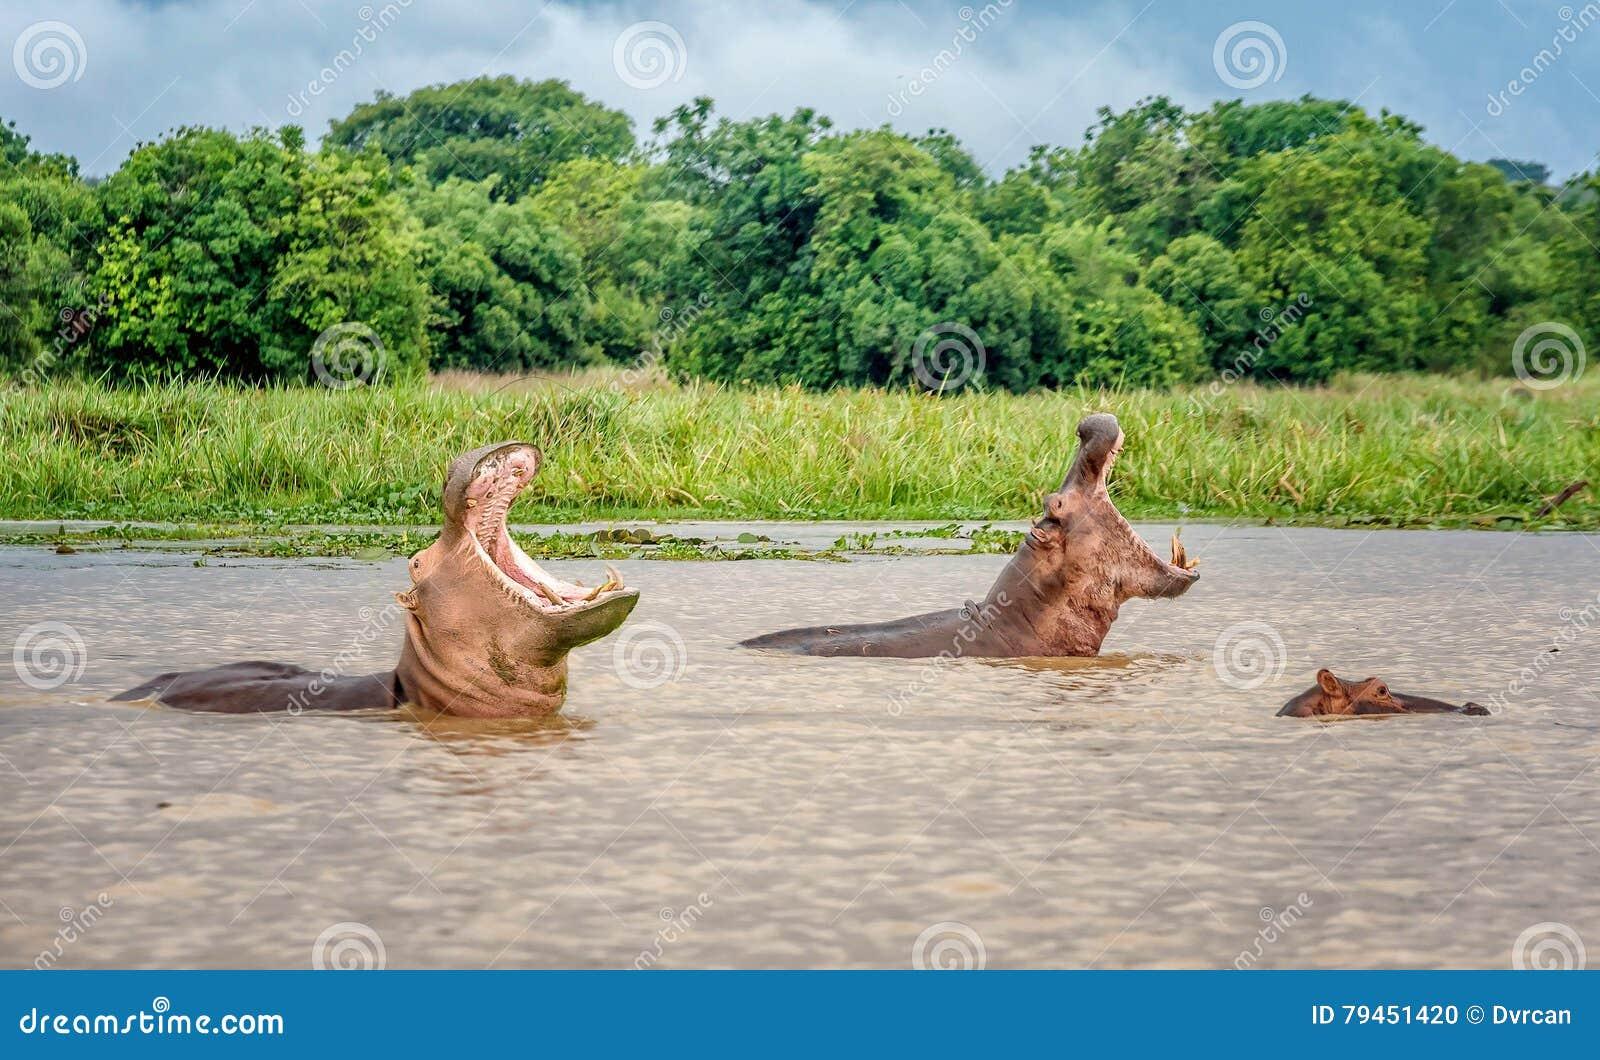 Two Hippopotamus in the waters of Murchison Falls, Uganda